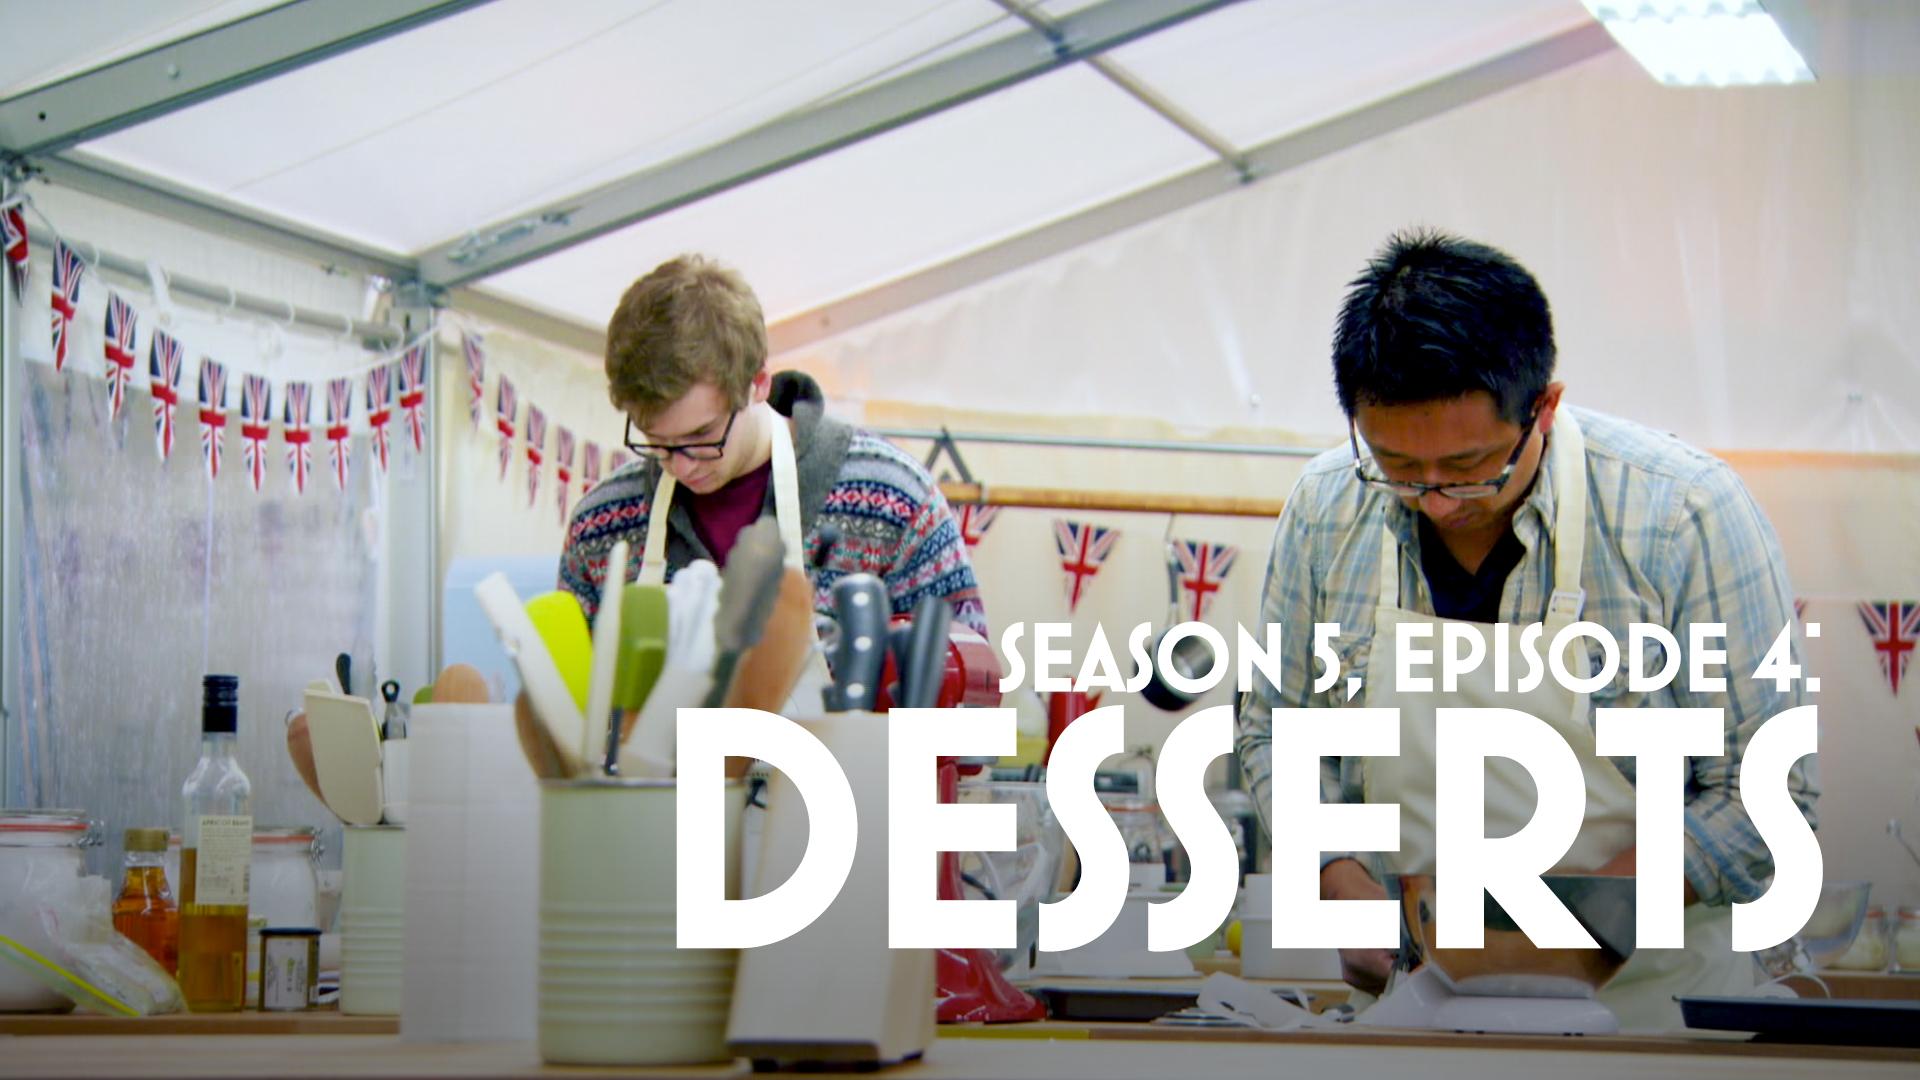 Episode 4: Desserts